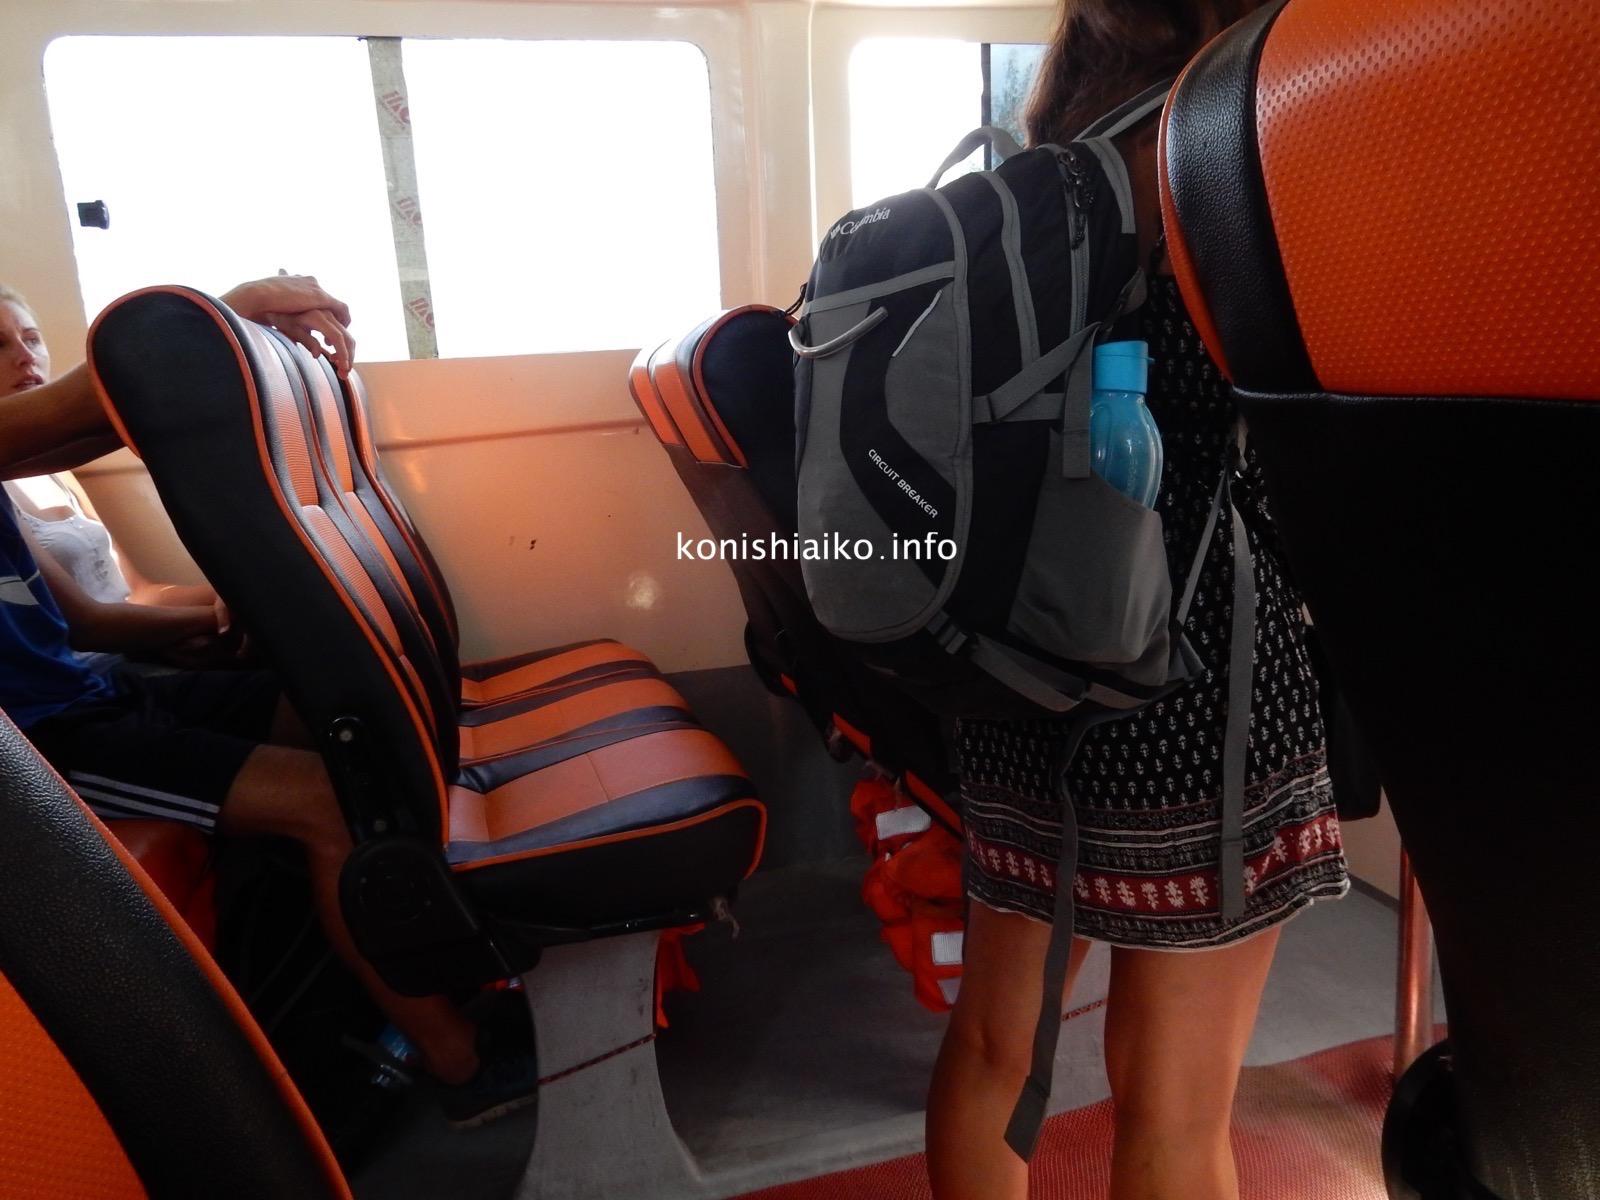 行きと同じボートだから座席も同じ